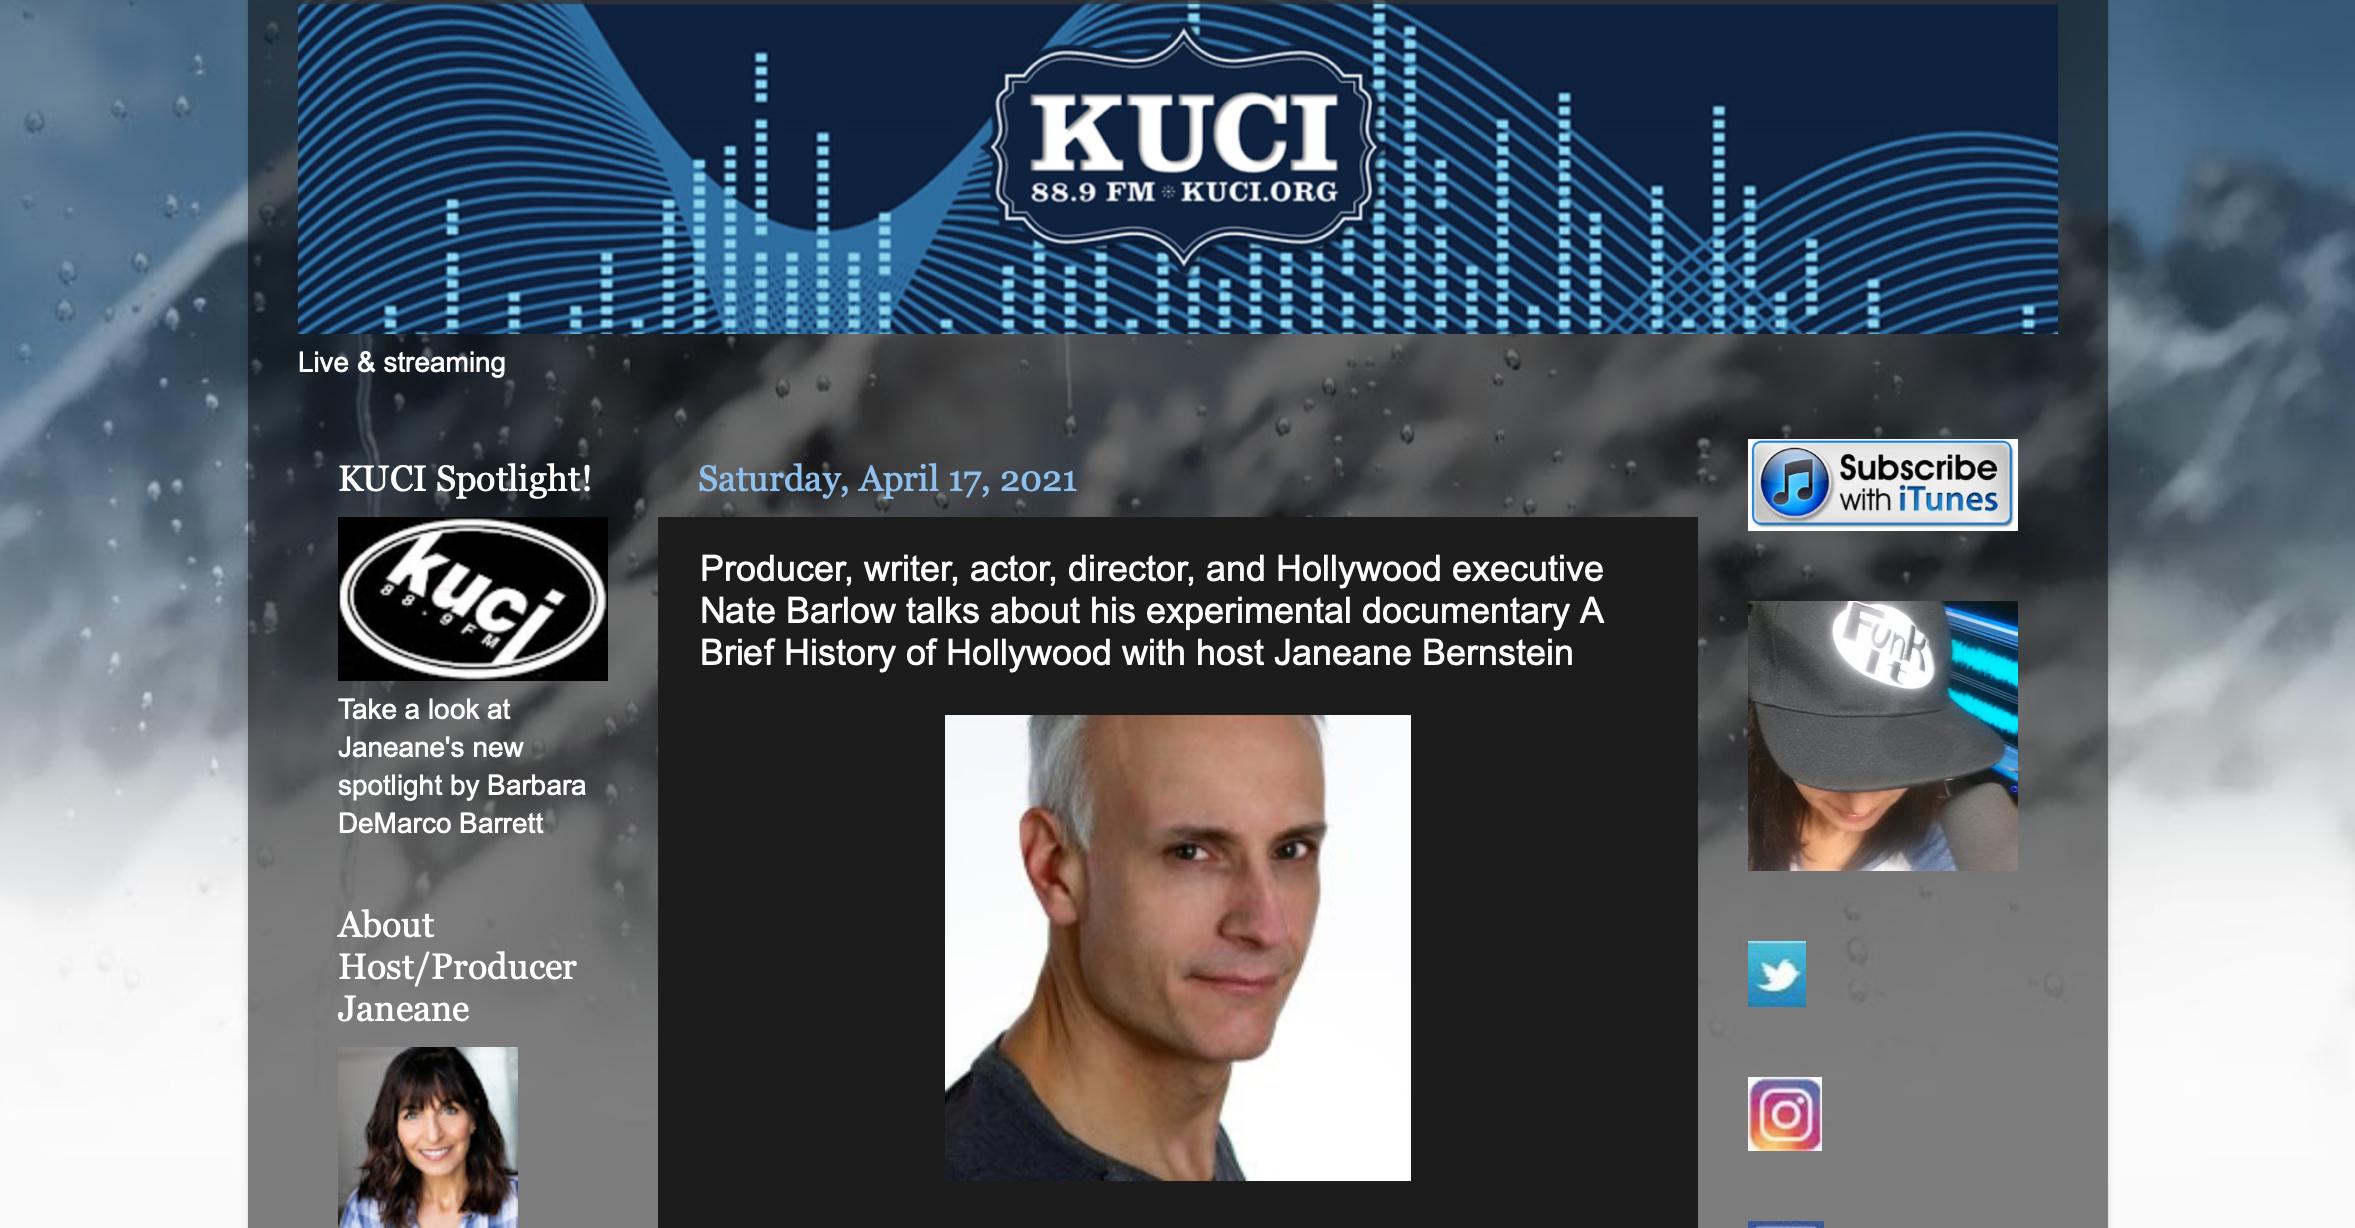 KUCI Screenshot